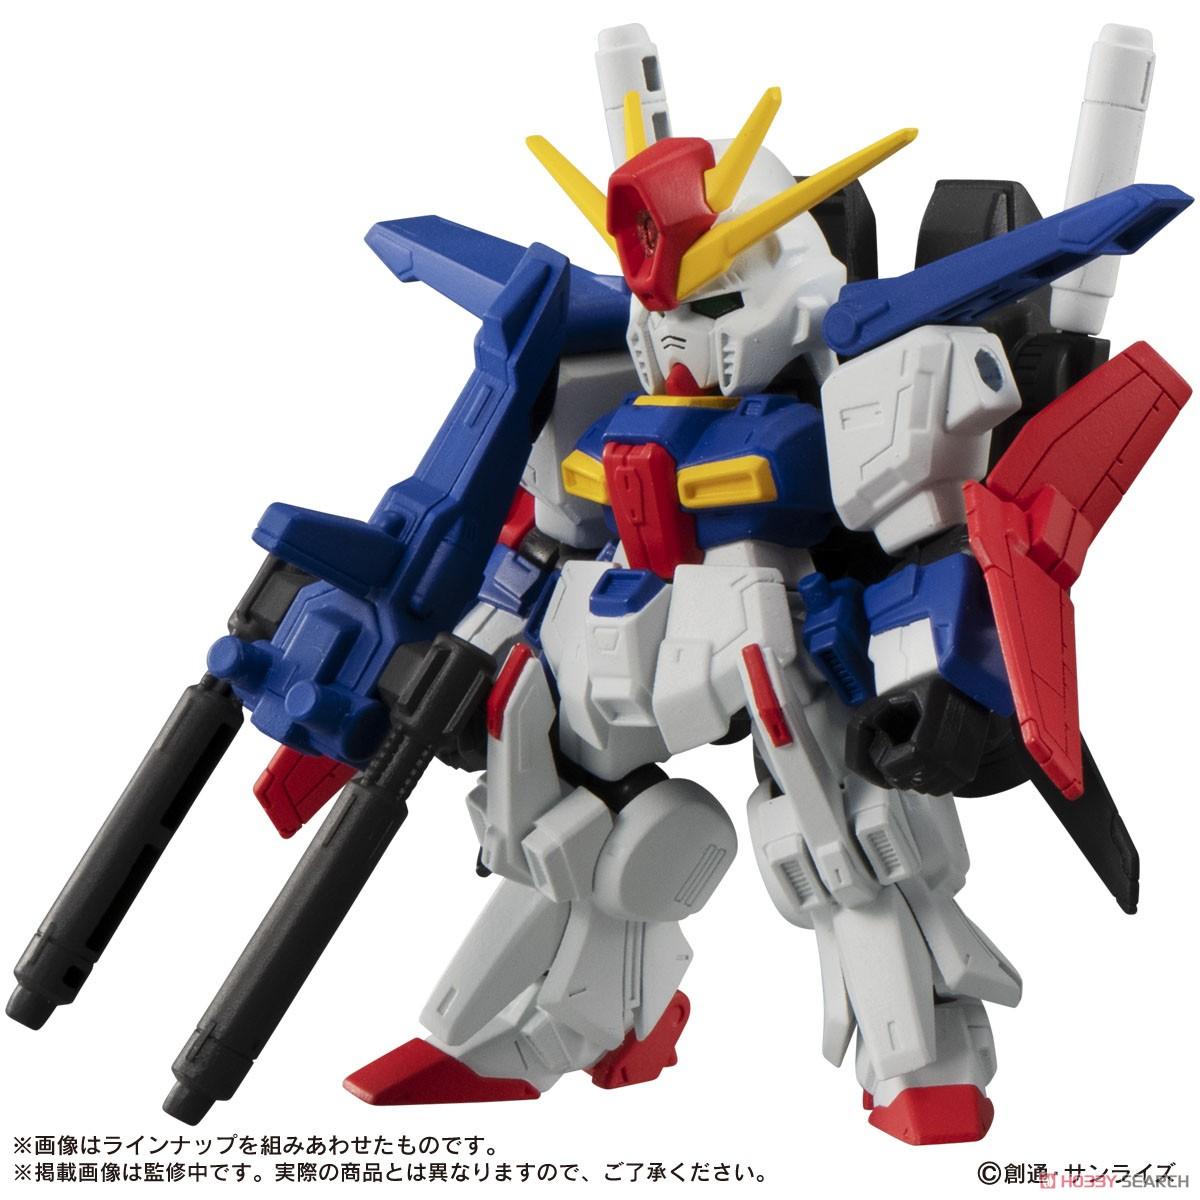 機動戦士ガンダム『MOBILE SUIT ENSEMBLE17』デフォルメ可動フィギュア 10個入りBOX-002